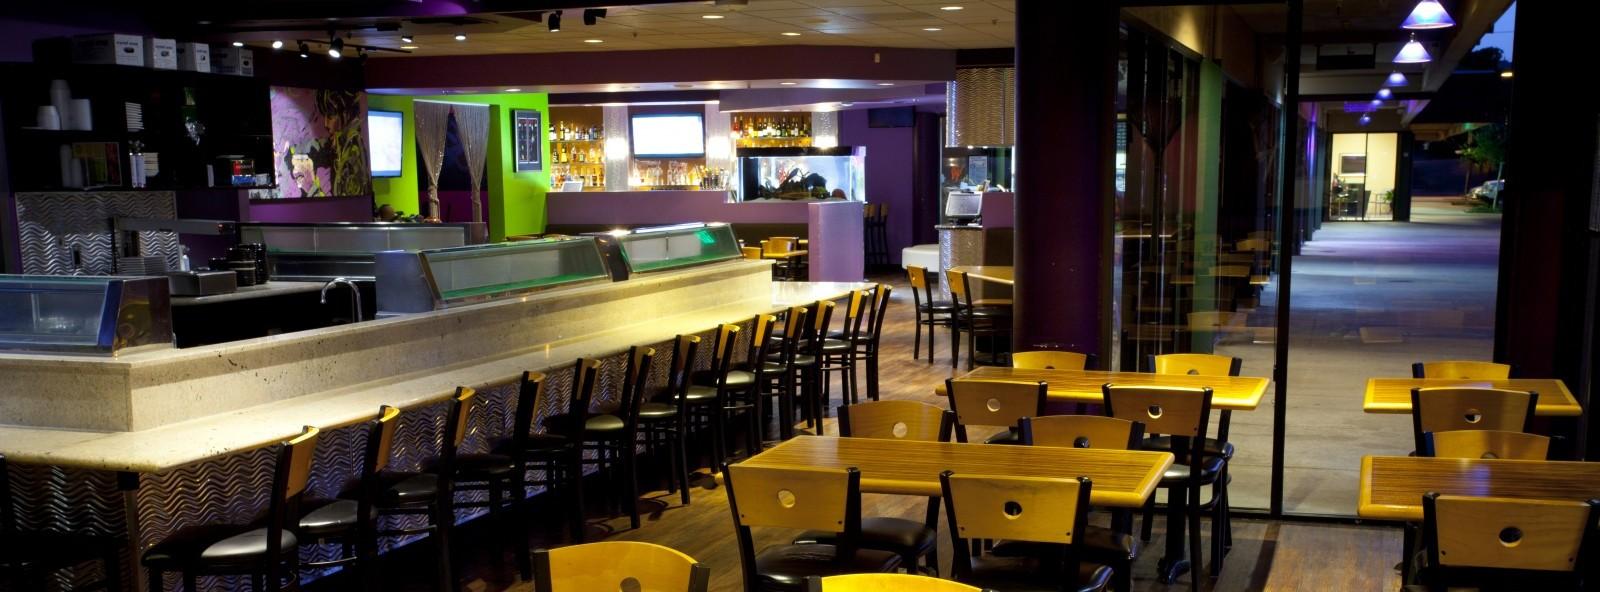 Fair Oaks Main Dining 6851 E1423511422950 Jpg